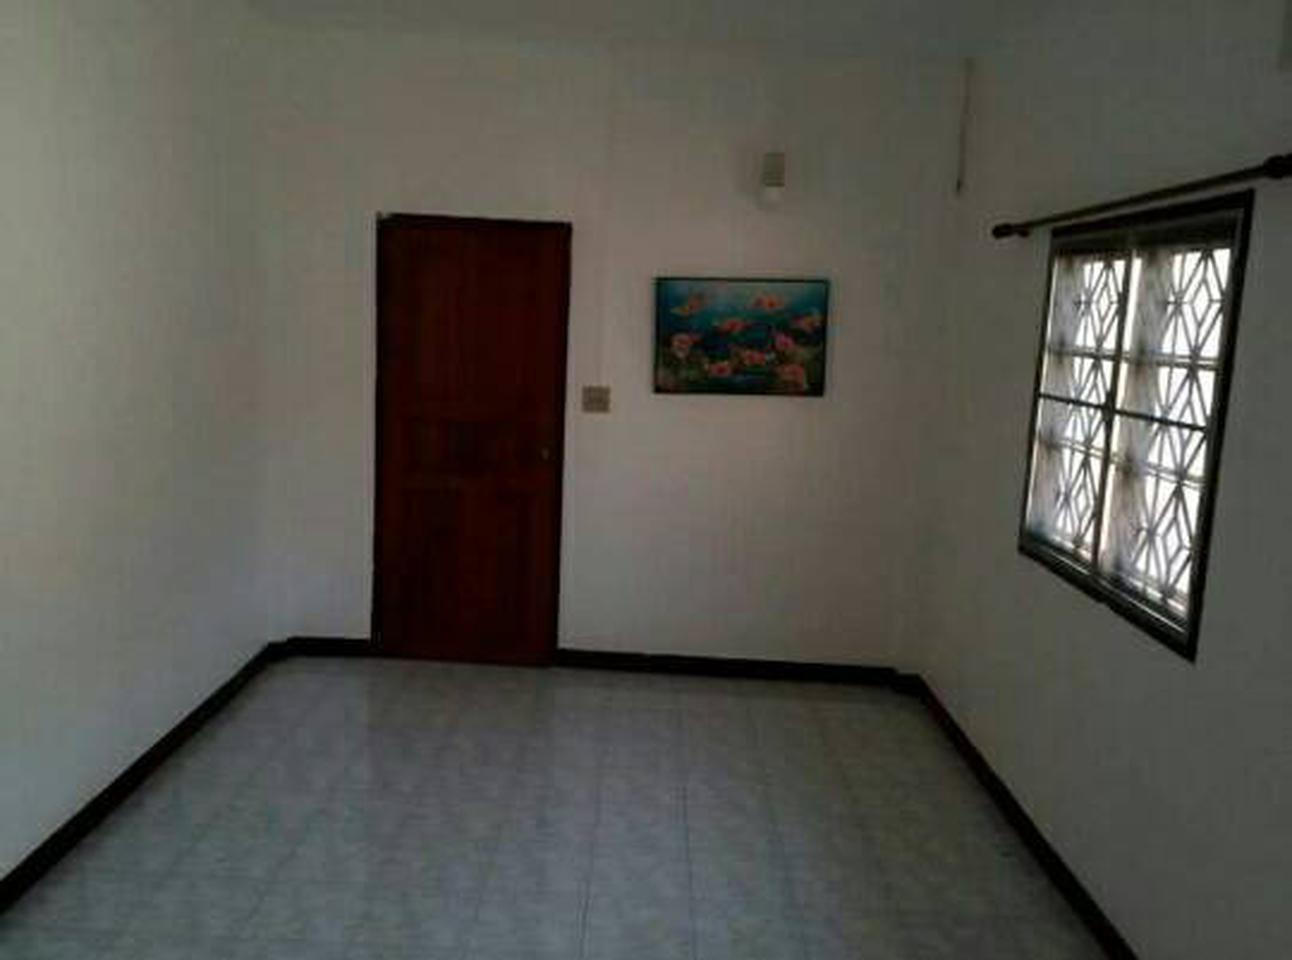 ขาย/เช่า บ้านเดี่ยวราคาถูก    รูปที่ 1